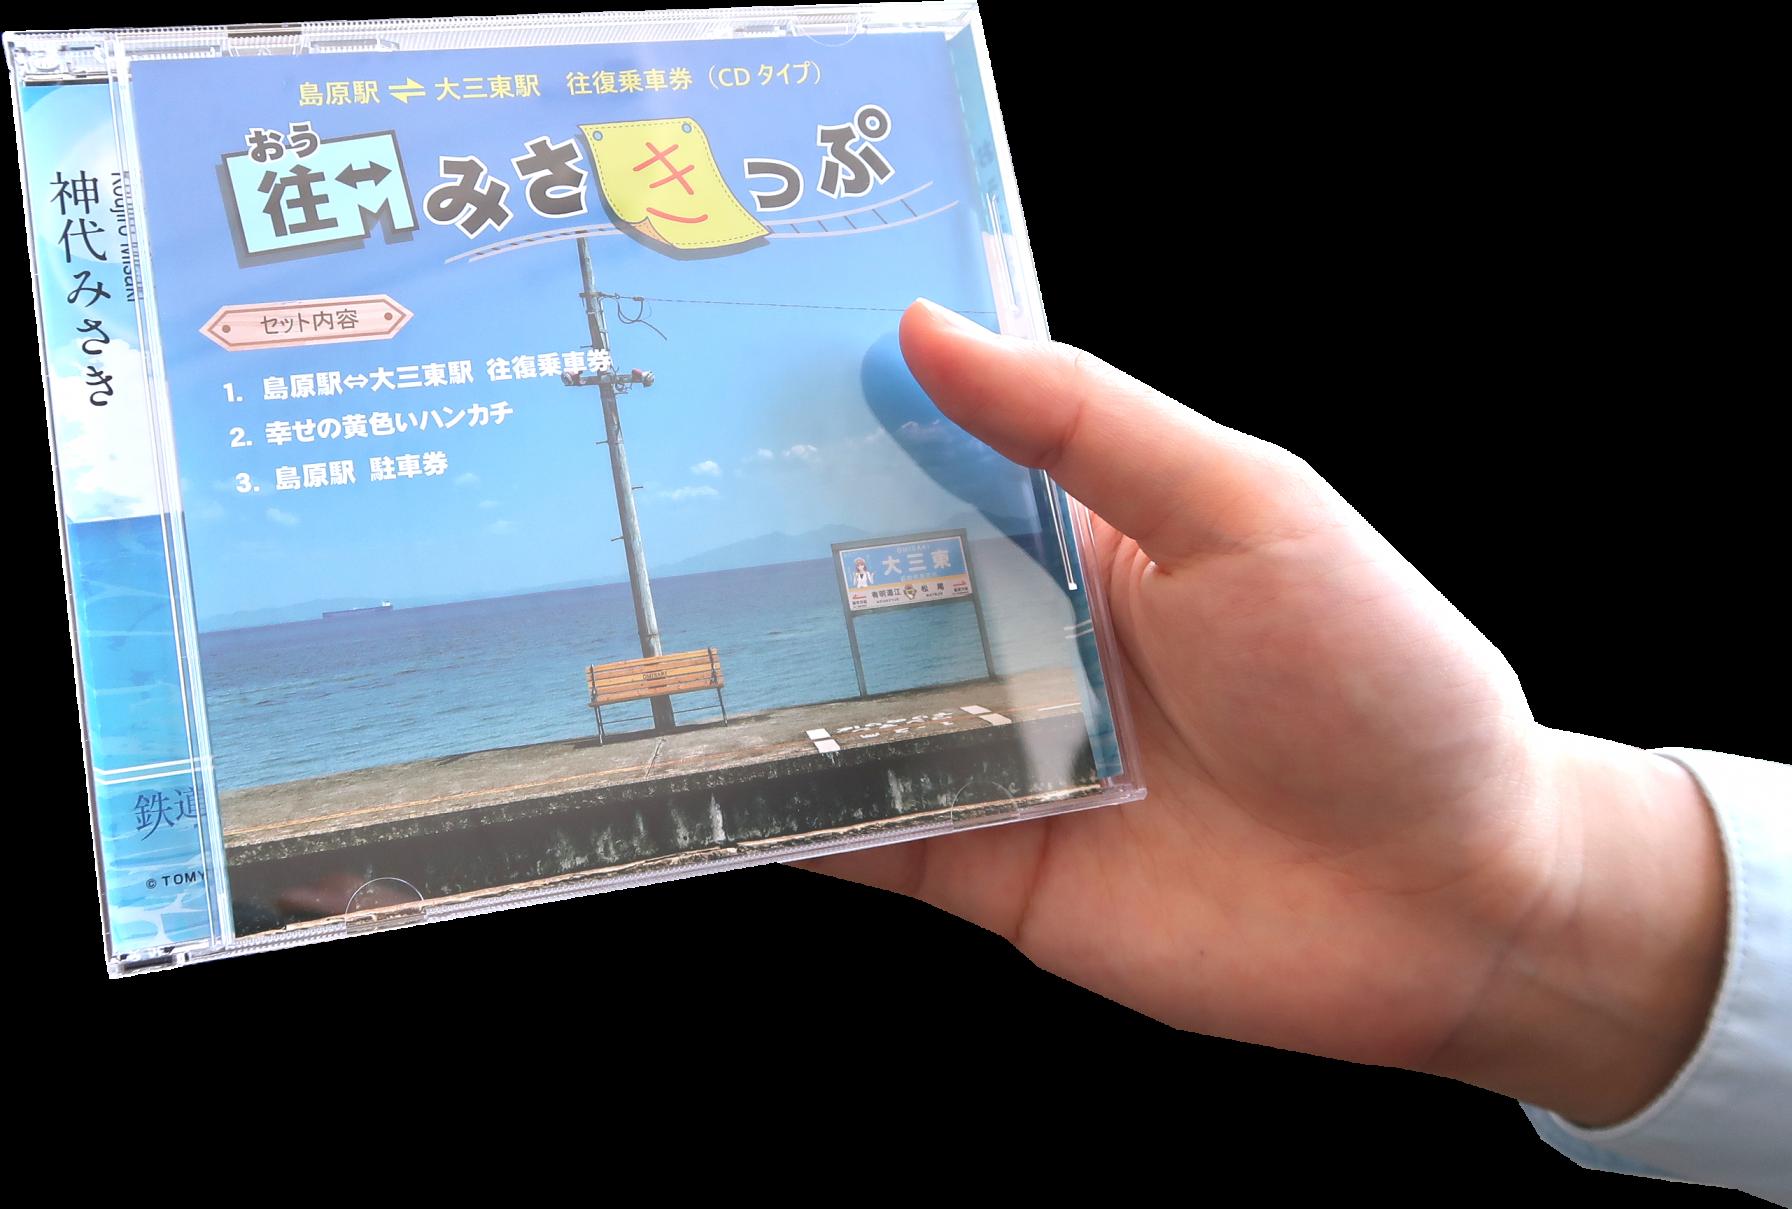 5月1日発売開始!CDケース入り乗車券「おうみさきっぷ」で話題の大三東駅へ島鉄で行こう!-1